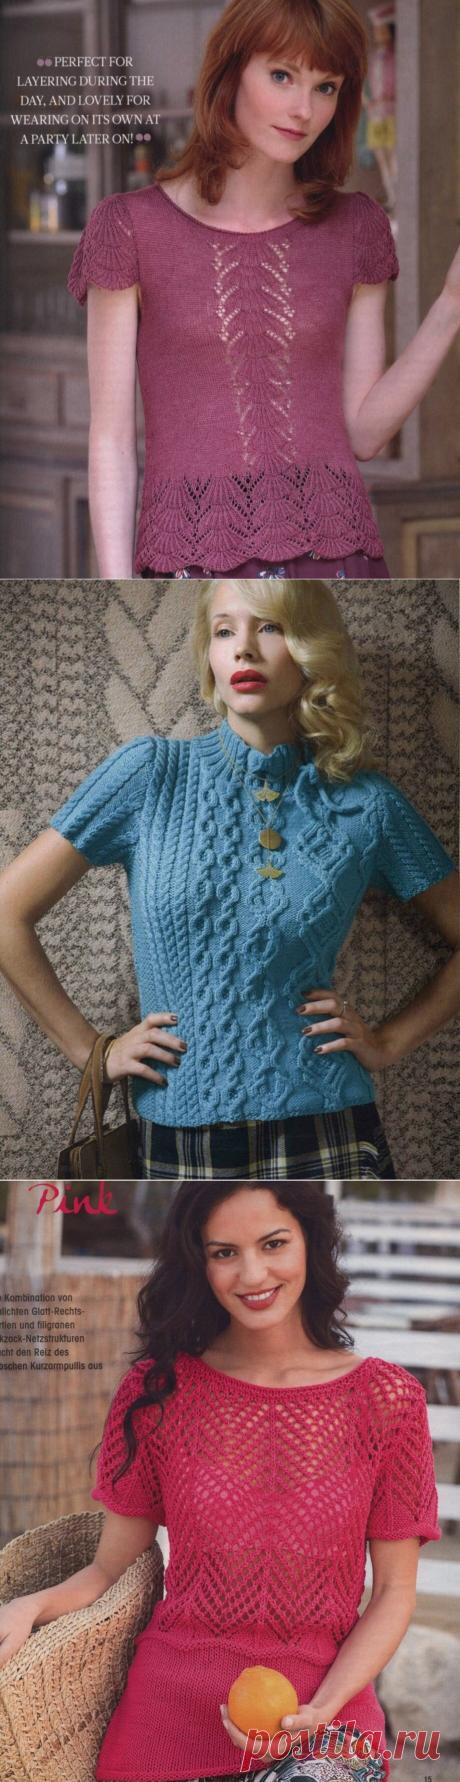 Подборка джемперов с коротким рукавом. | Asha. Вязание и дизайн.🌶 | Яндекс Дзен